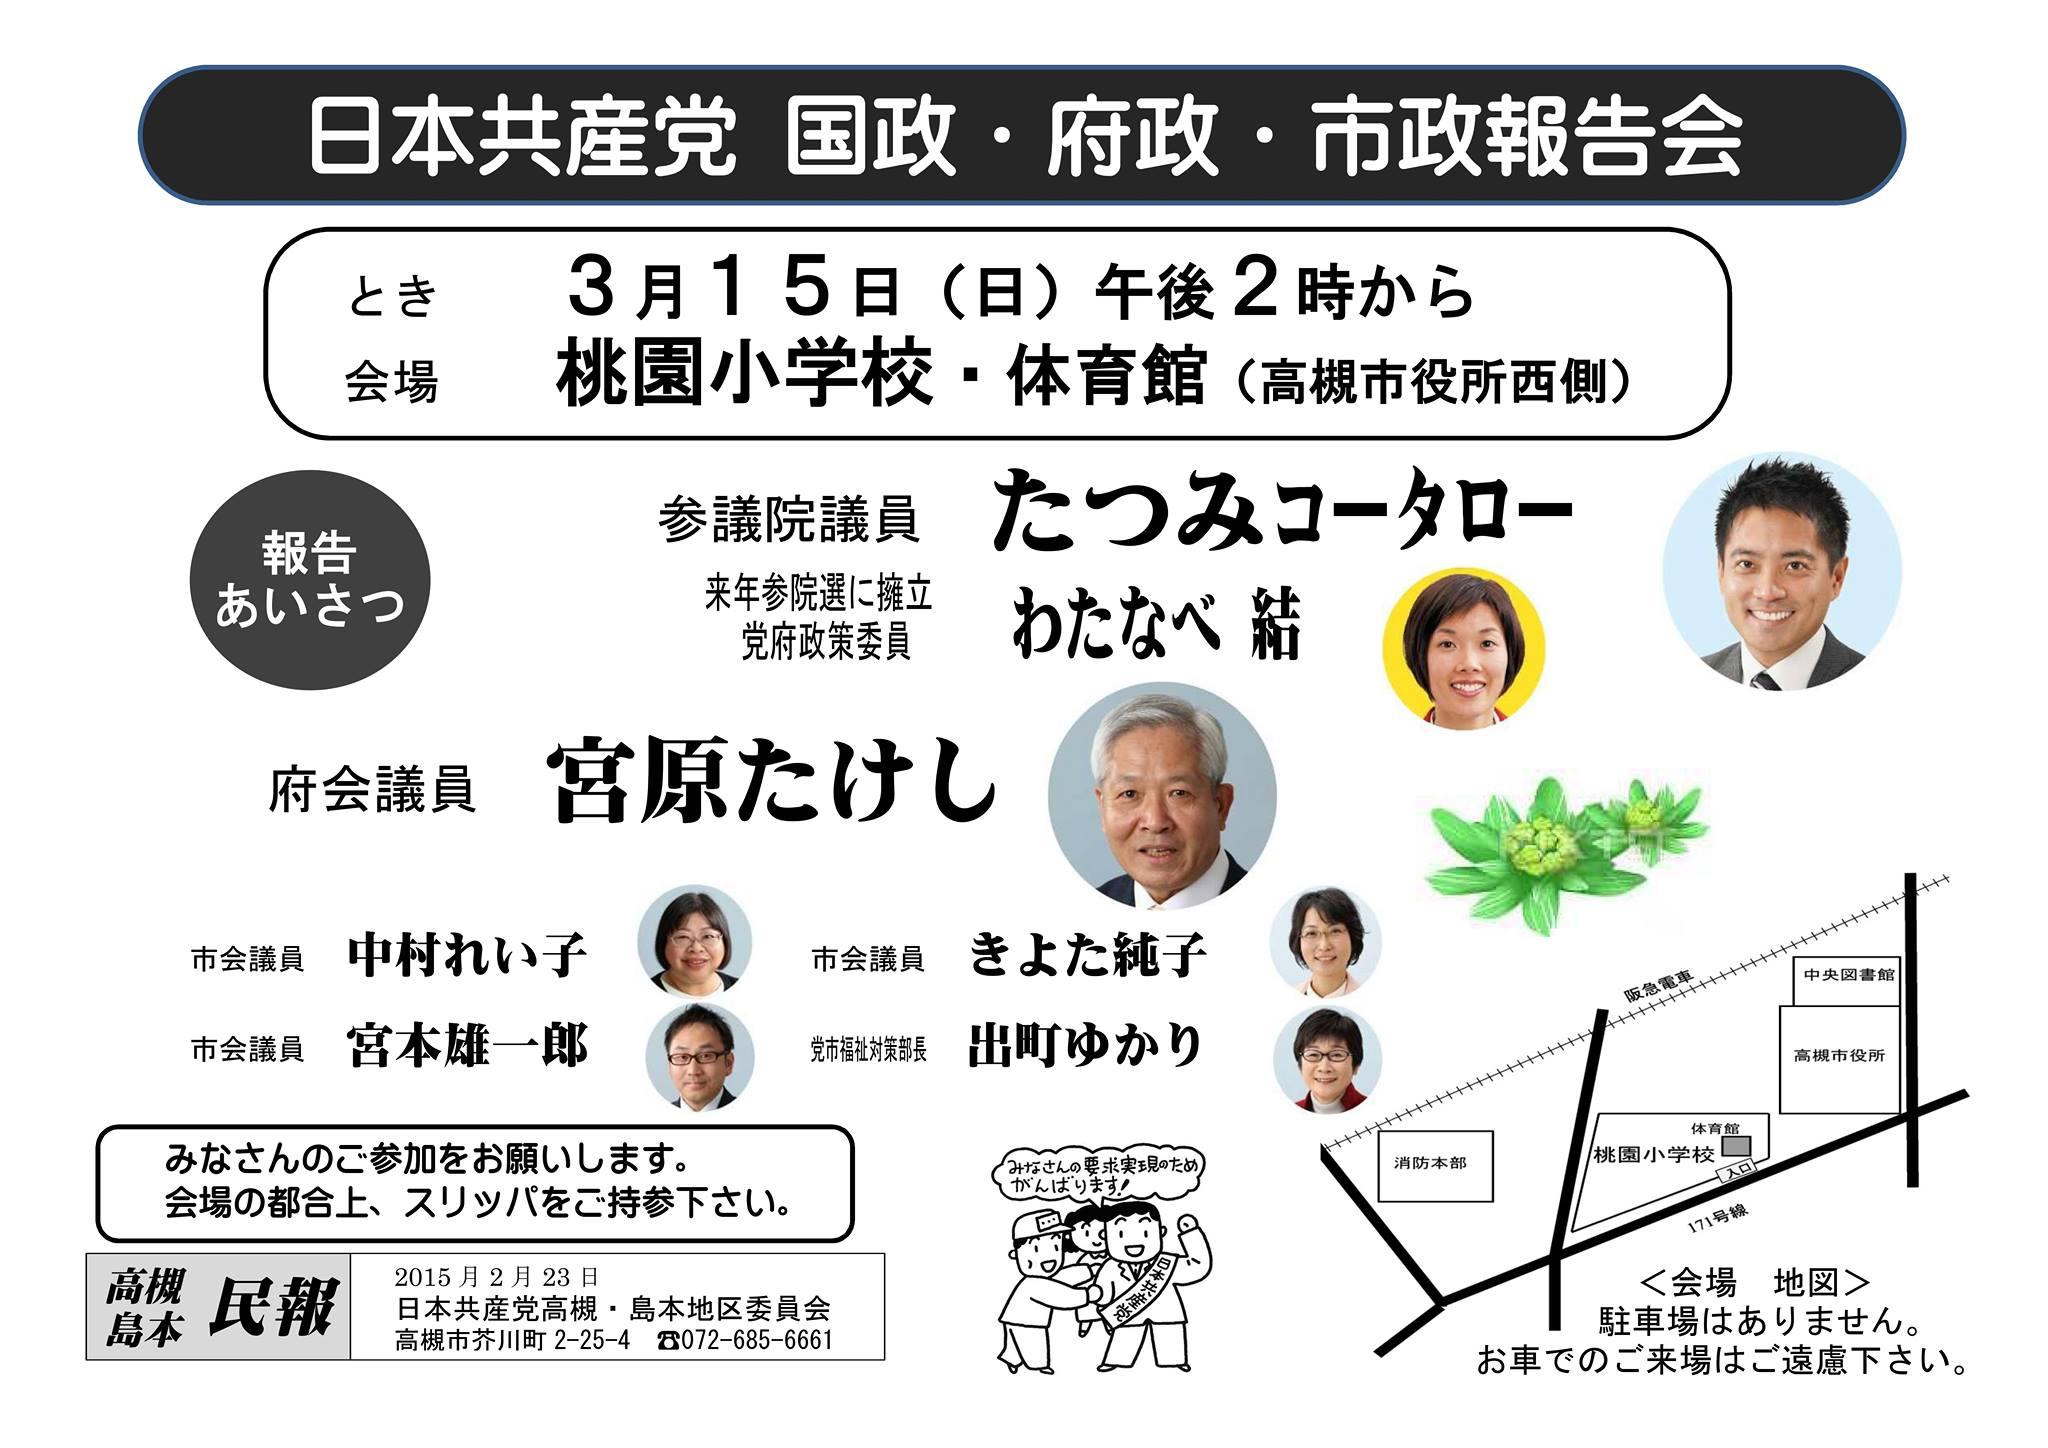 日本共産党 国政・府政・市政報告会